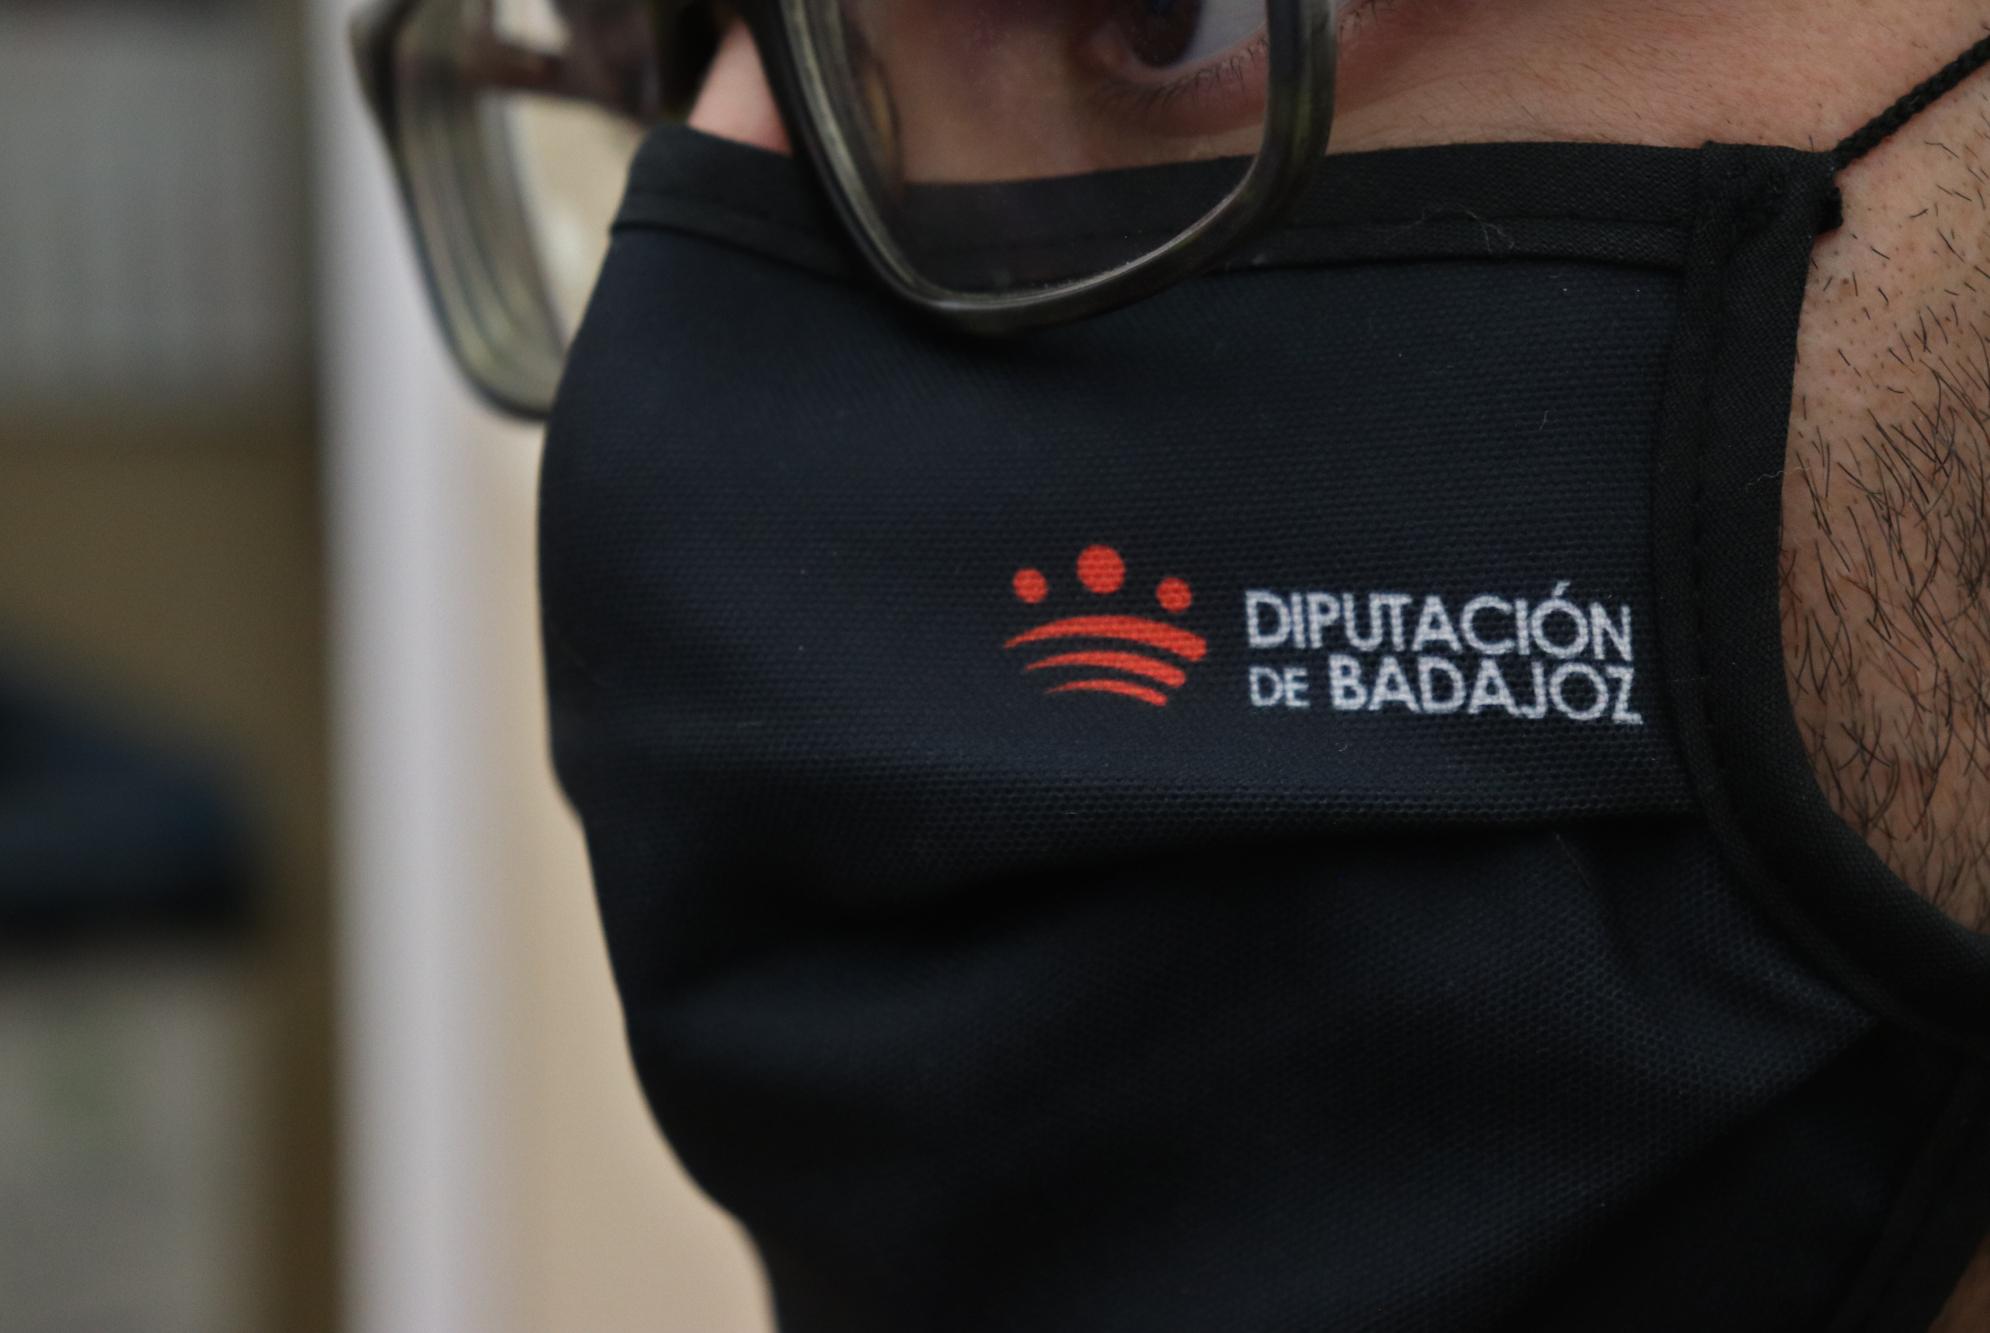 Imagen de la noticia: La Diputación de Badajoz facilita a su personal m ...